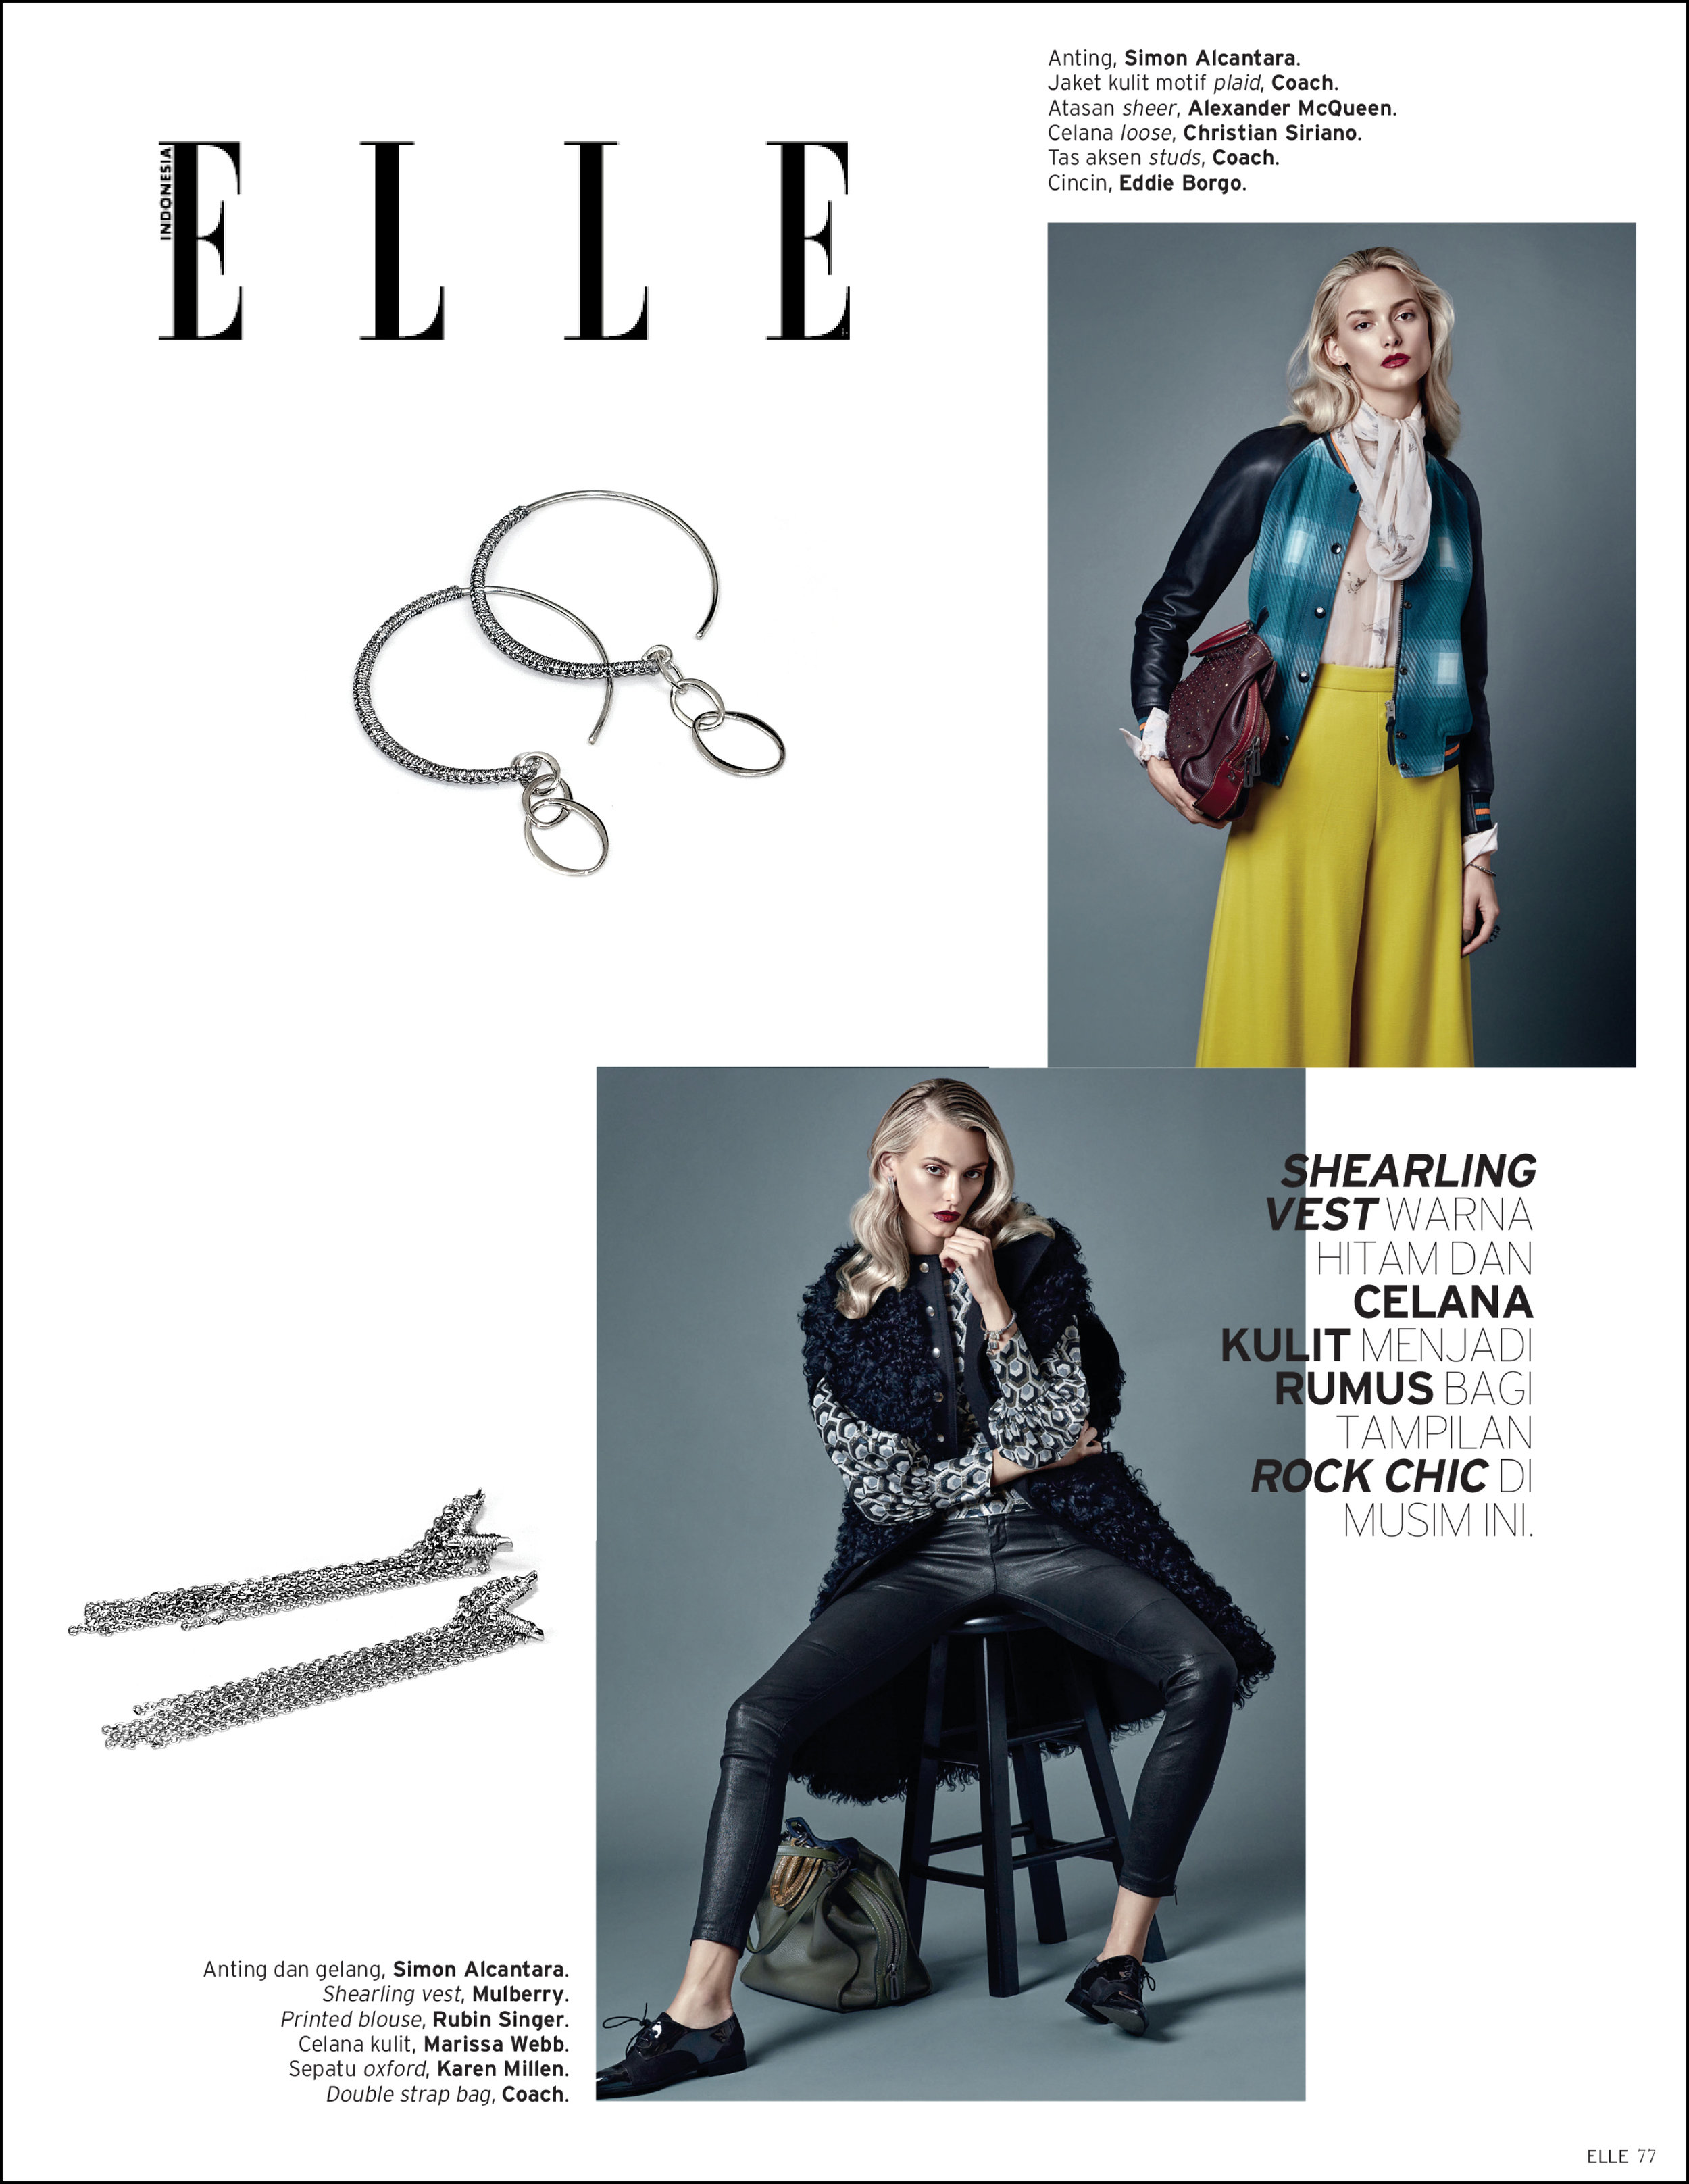 Elle Indonesia September 2016 issue.